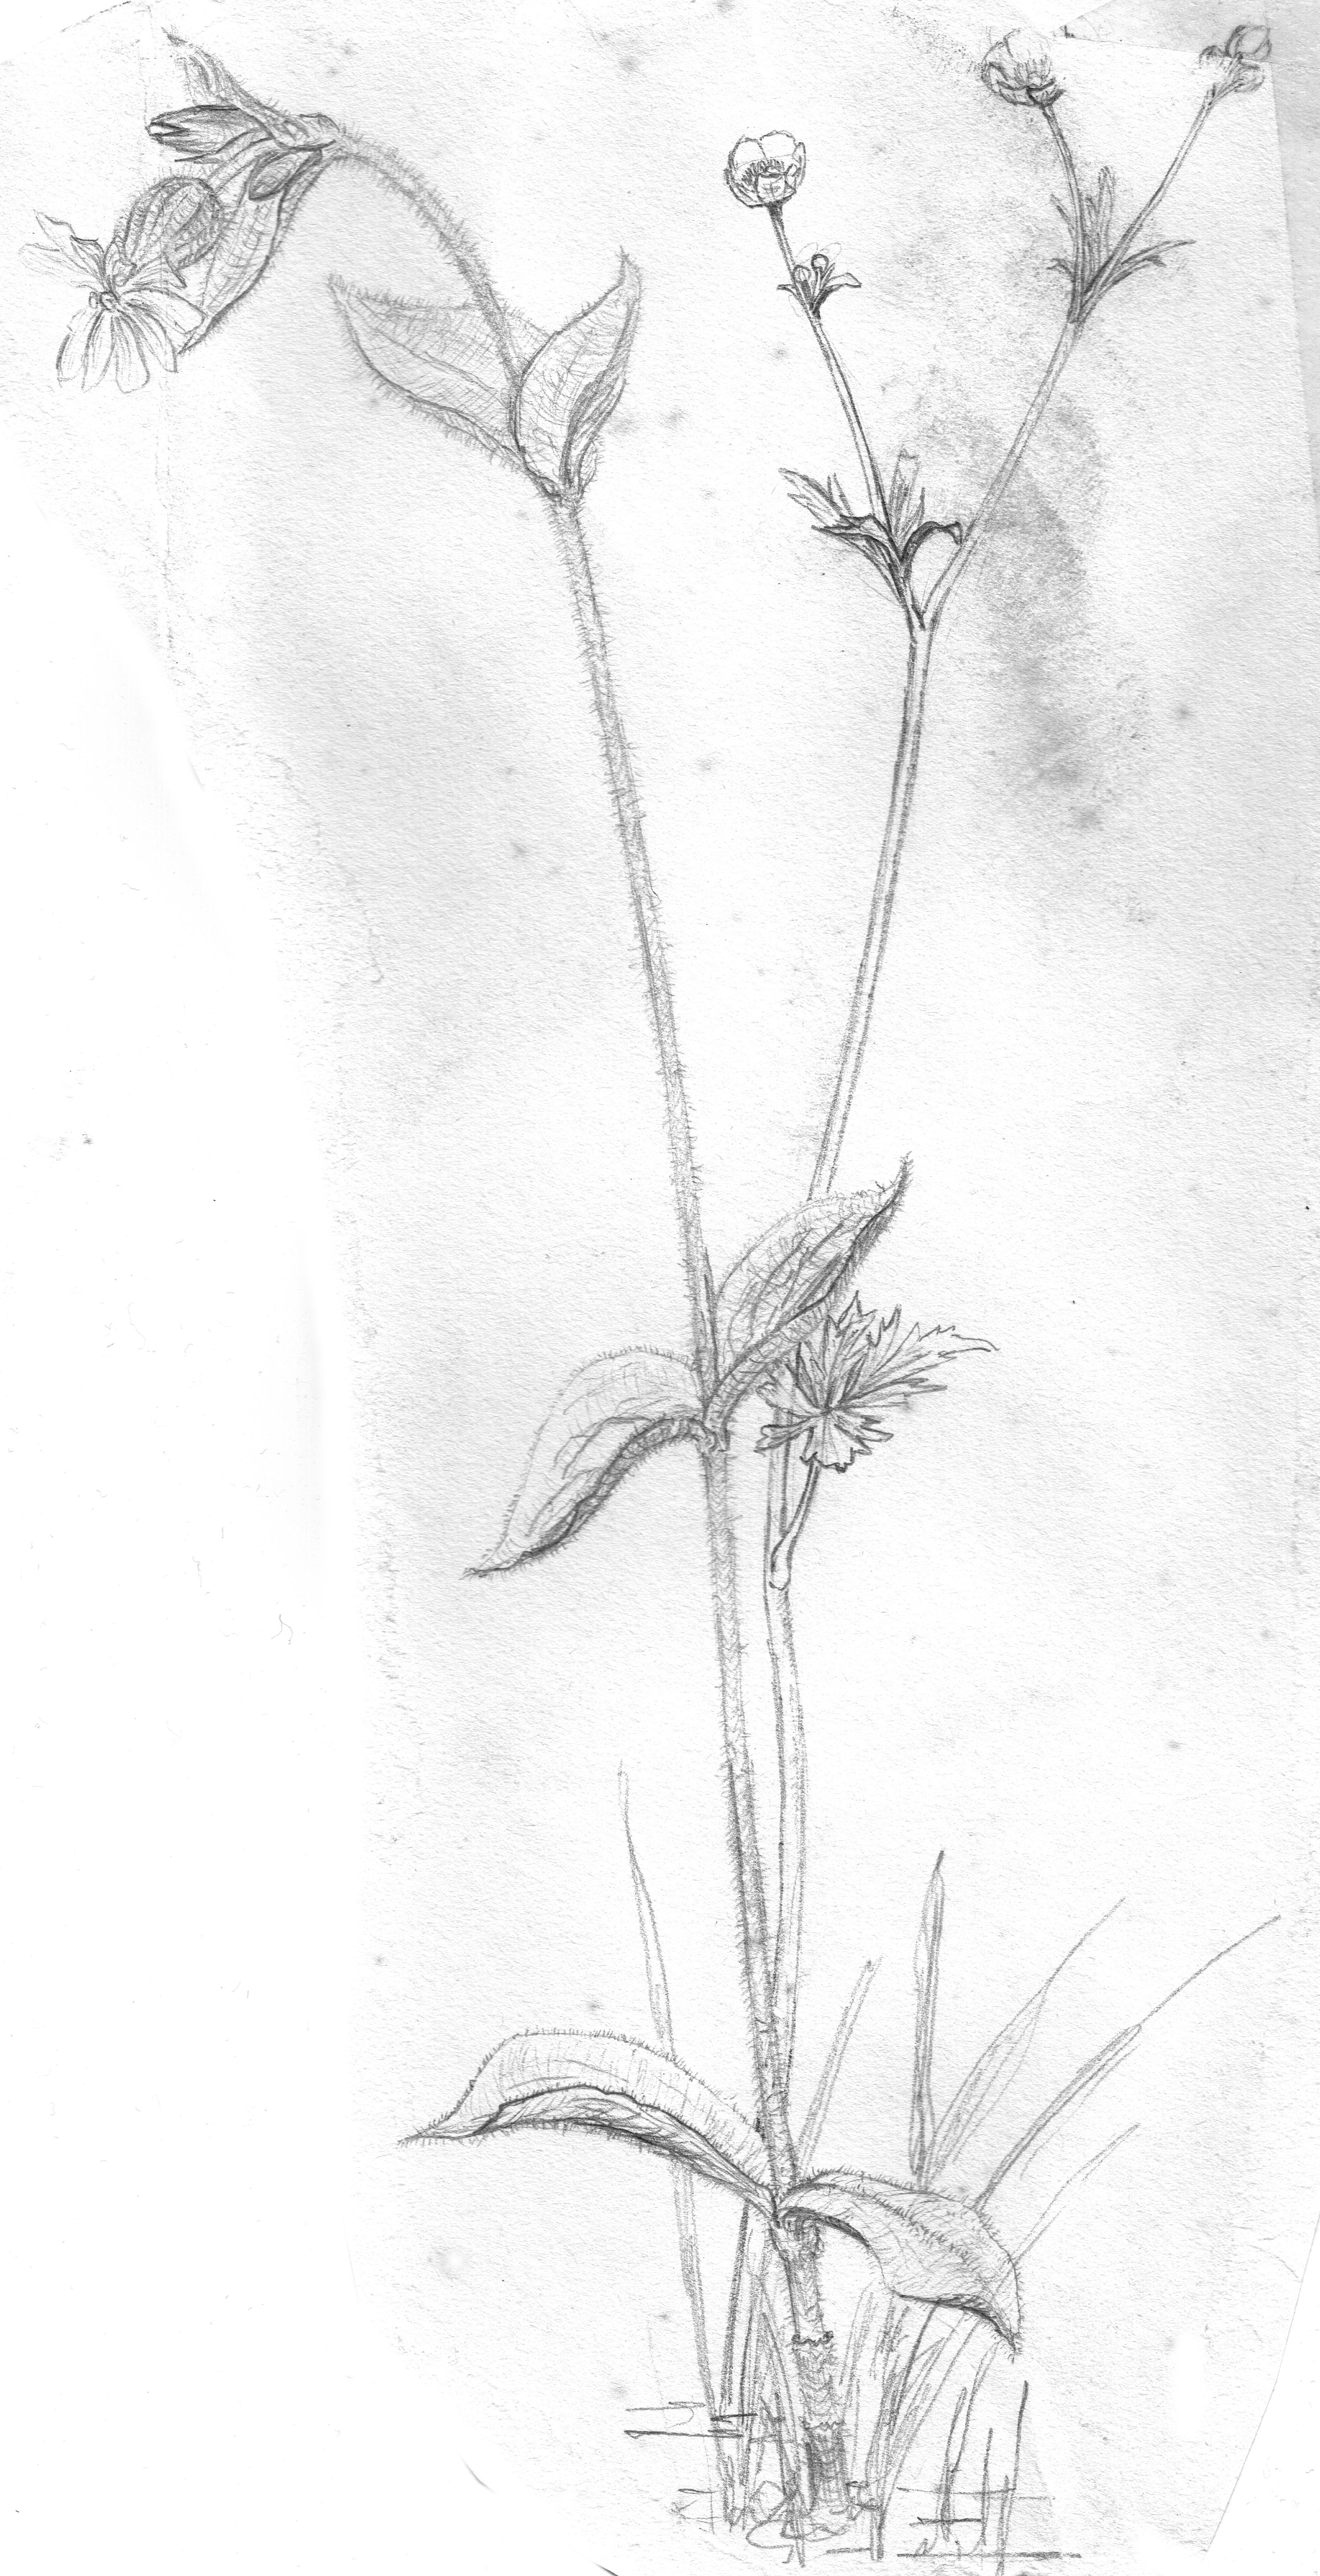 Gambar Cabang Mekar Hitam Dan Putih Menanam Bunga